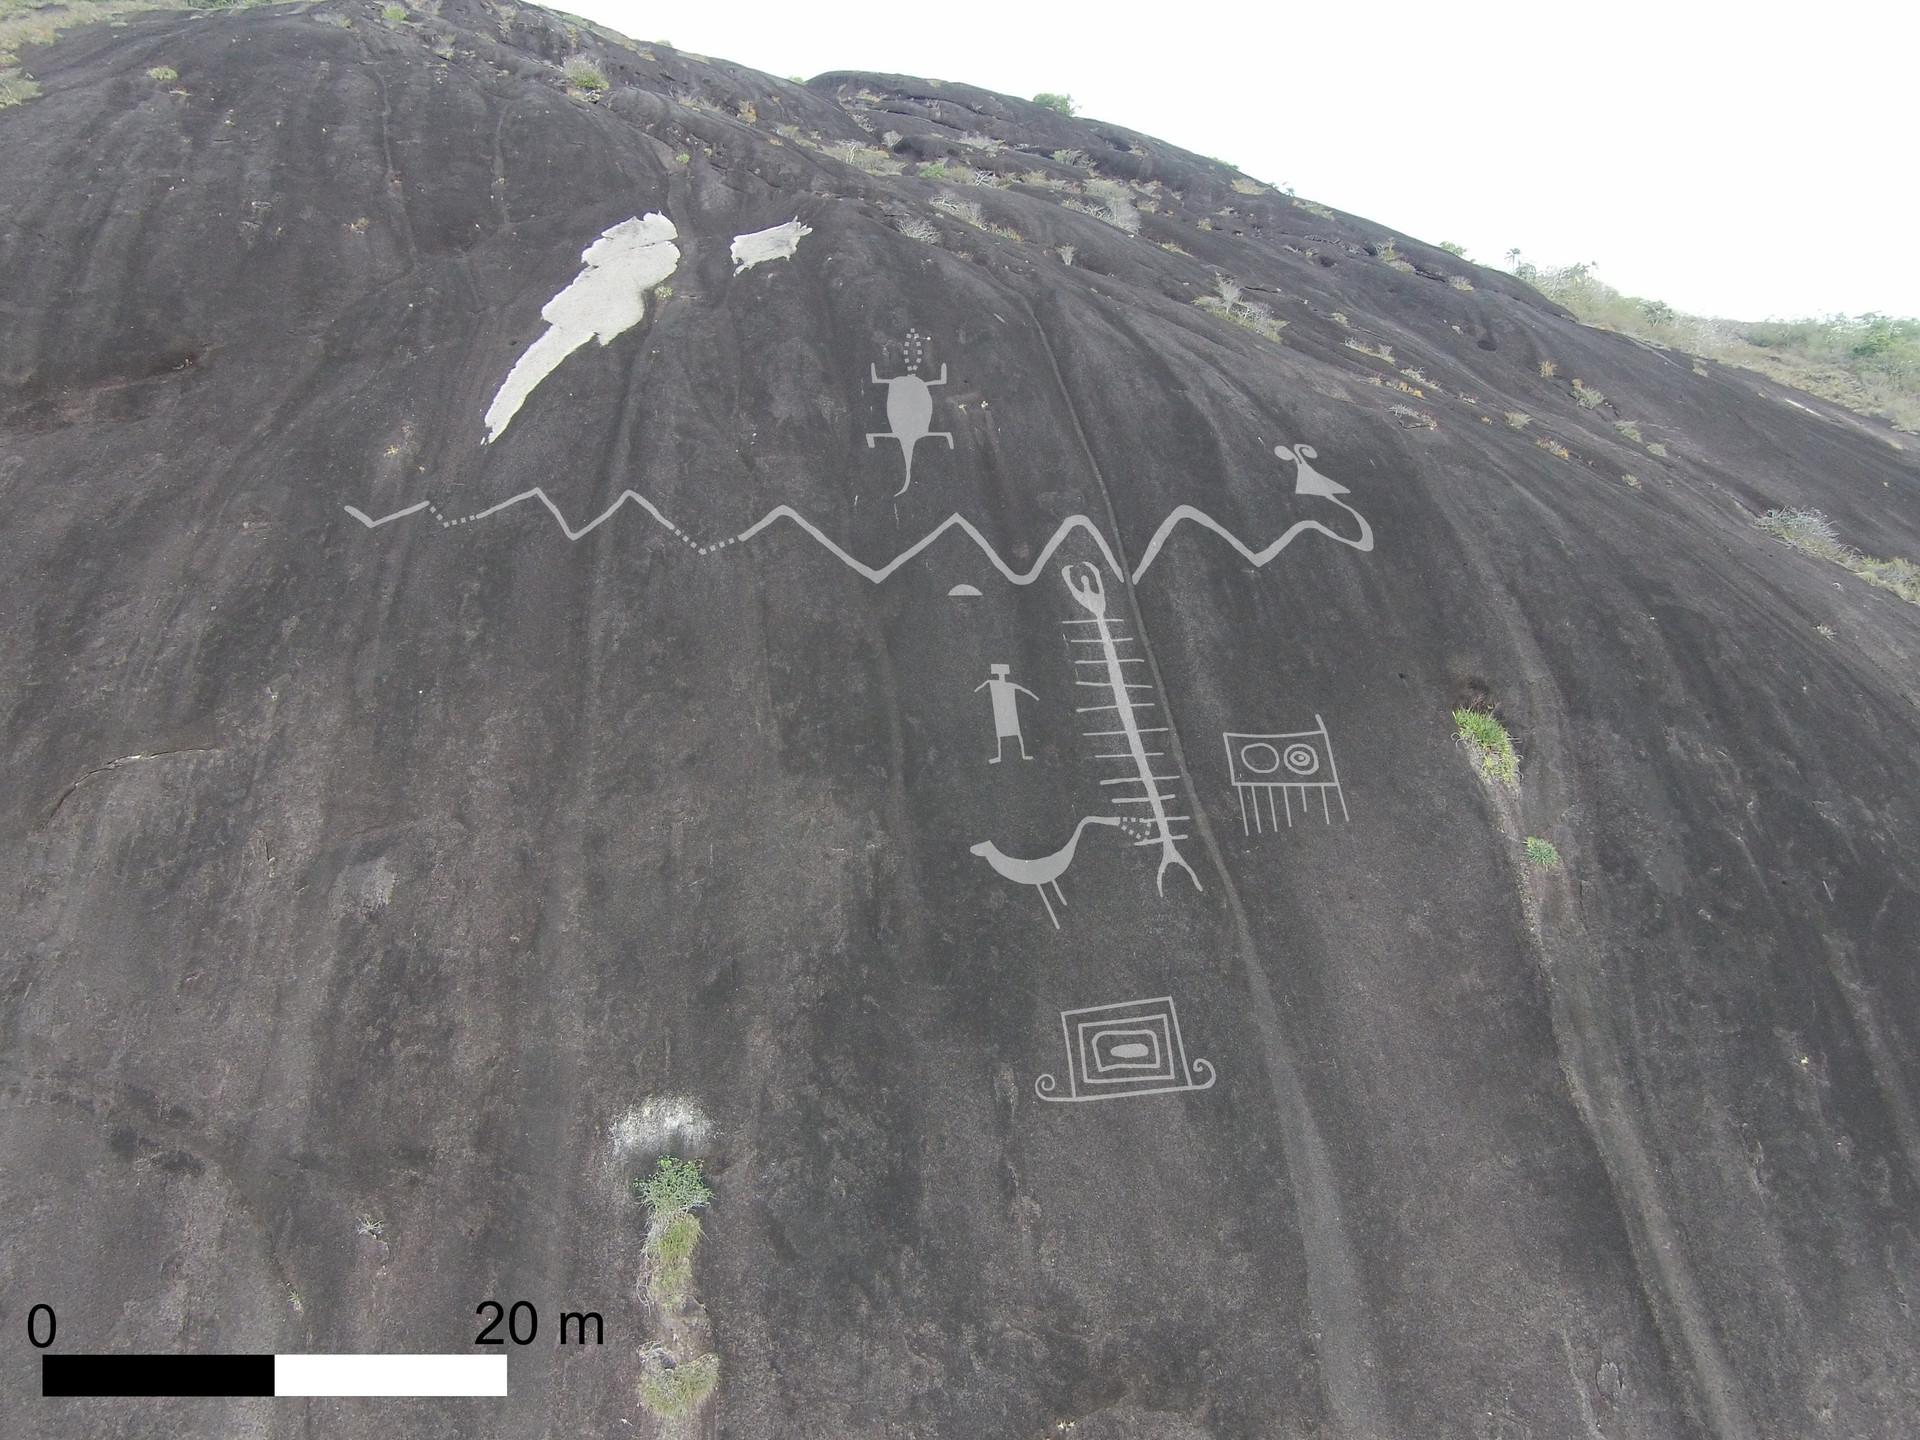 Petroglifos de 2.000 años de antigüedad en Venezuela